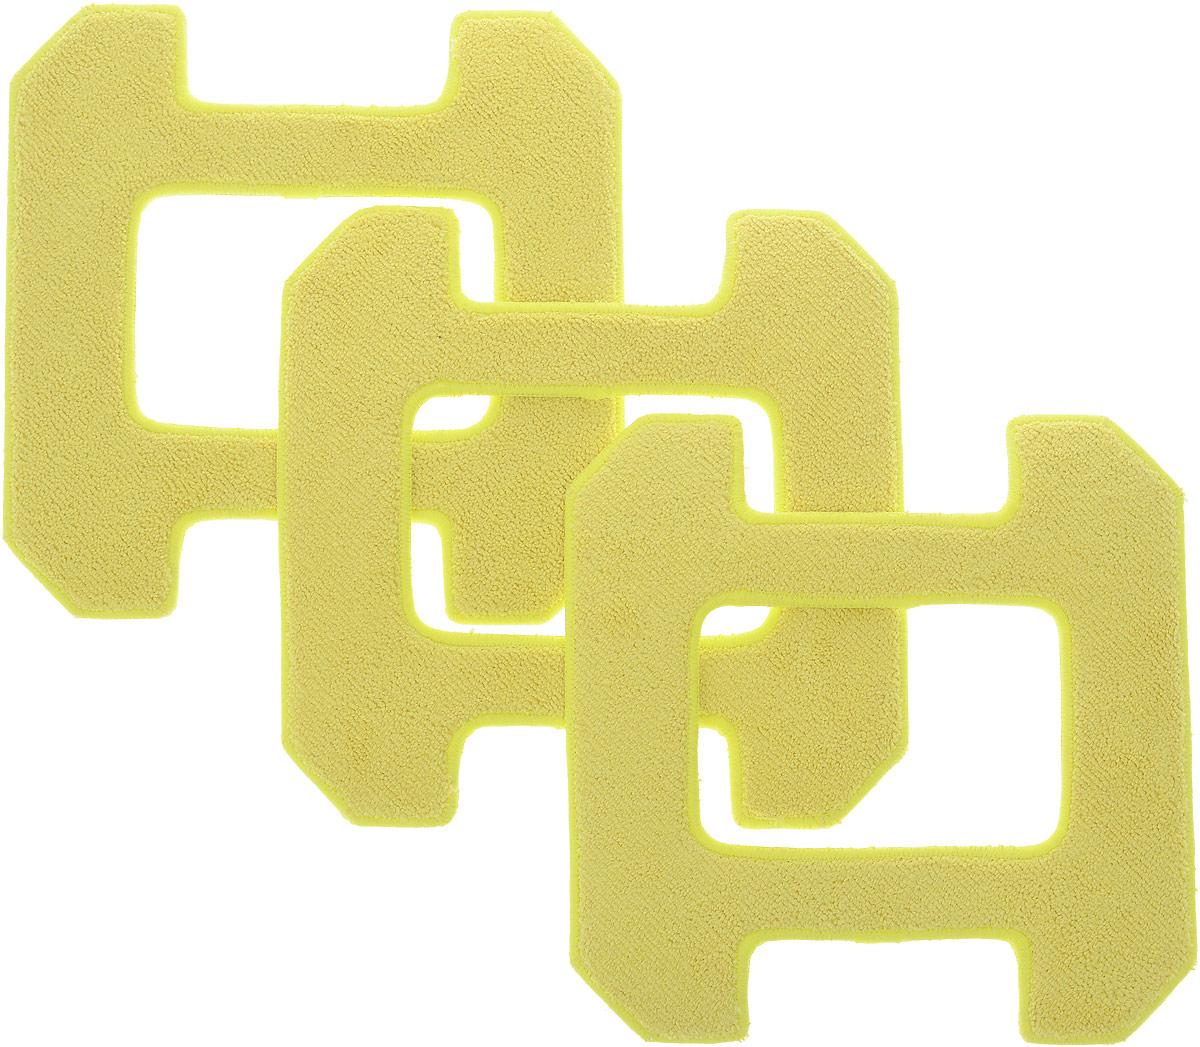 Hobot 268, Yellow чистящие салфетки для влажной уборки, 3 штHB 268A02Комплект запасных салфеток из микрофибры (3 штуки) для влажной уборки для Hobot 268. Салфетки из микрофибры очищают поверхность, впитывают чистящий раствор для качественной очистки окон и зеркал и эффективно убирают грязь в порах. Отлично очищают поверхность даже по краям.